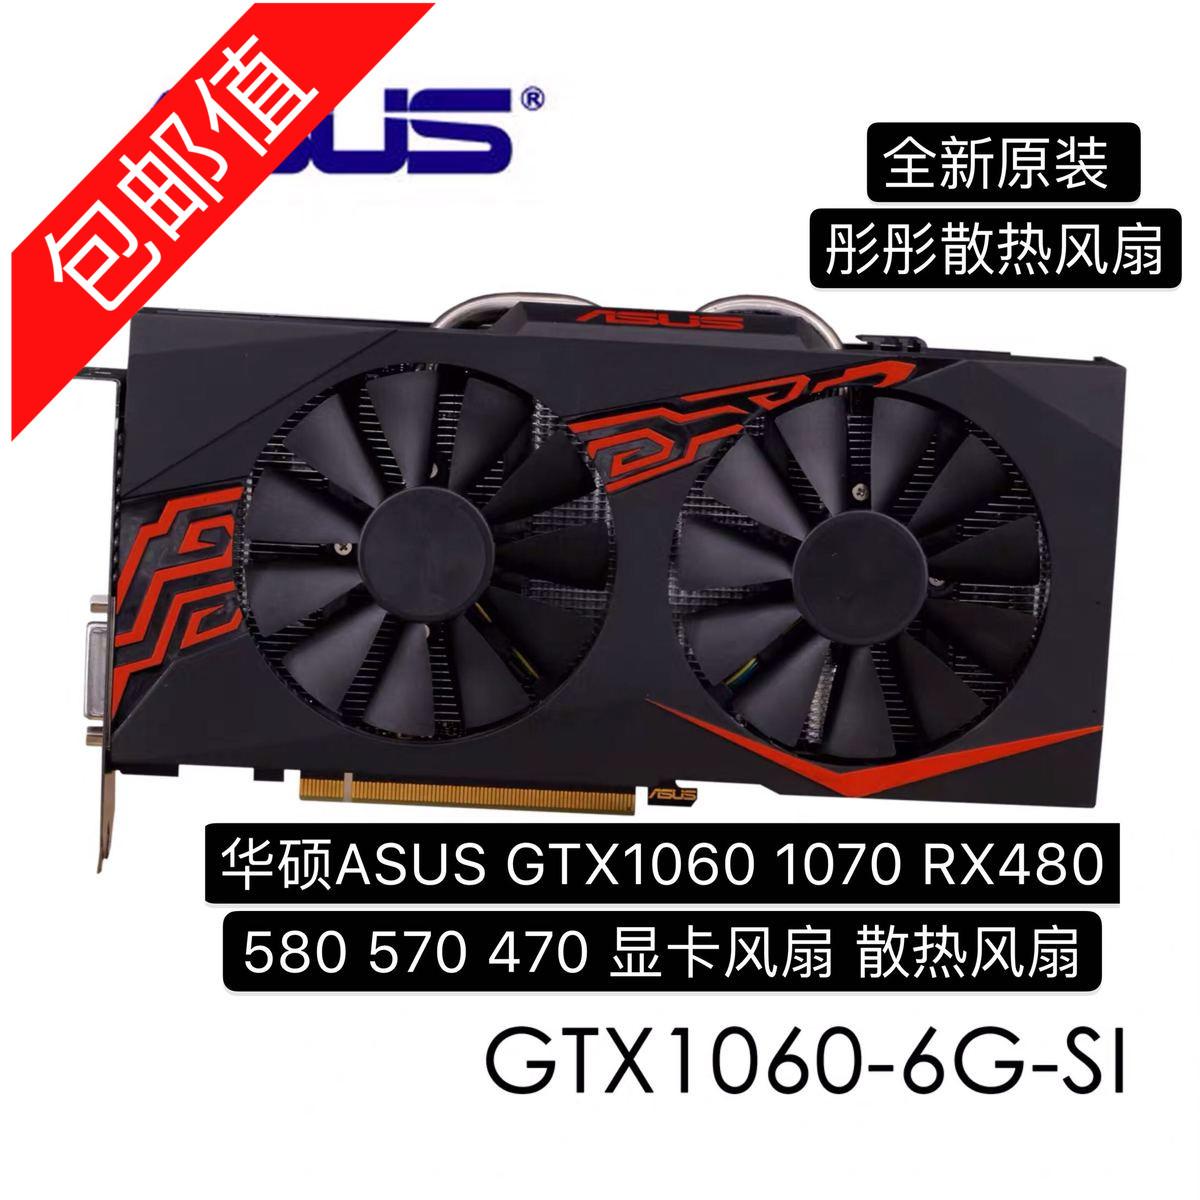 華碩ASUS GTX1060 1070 RX480 580 570 470 顯卡風扇散熱風扇